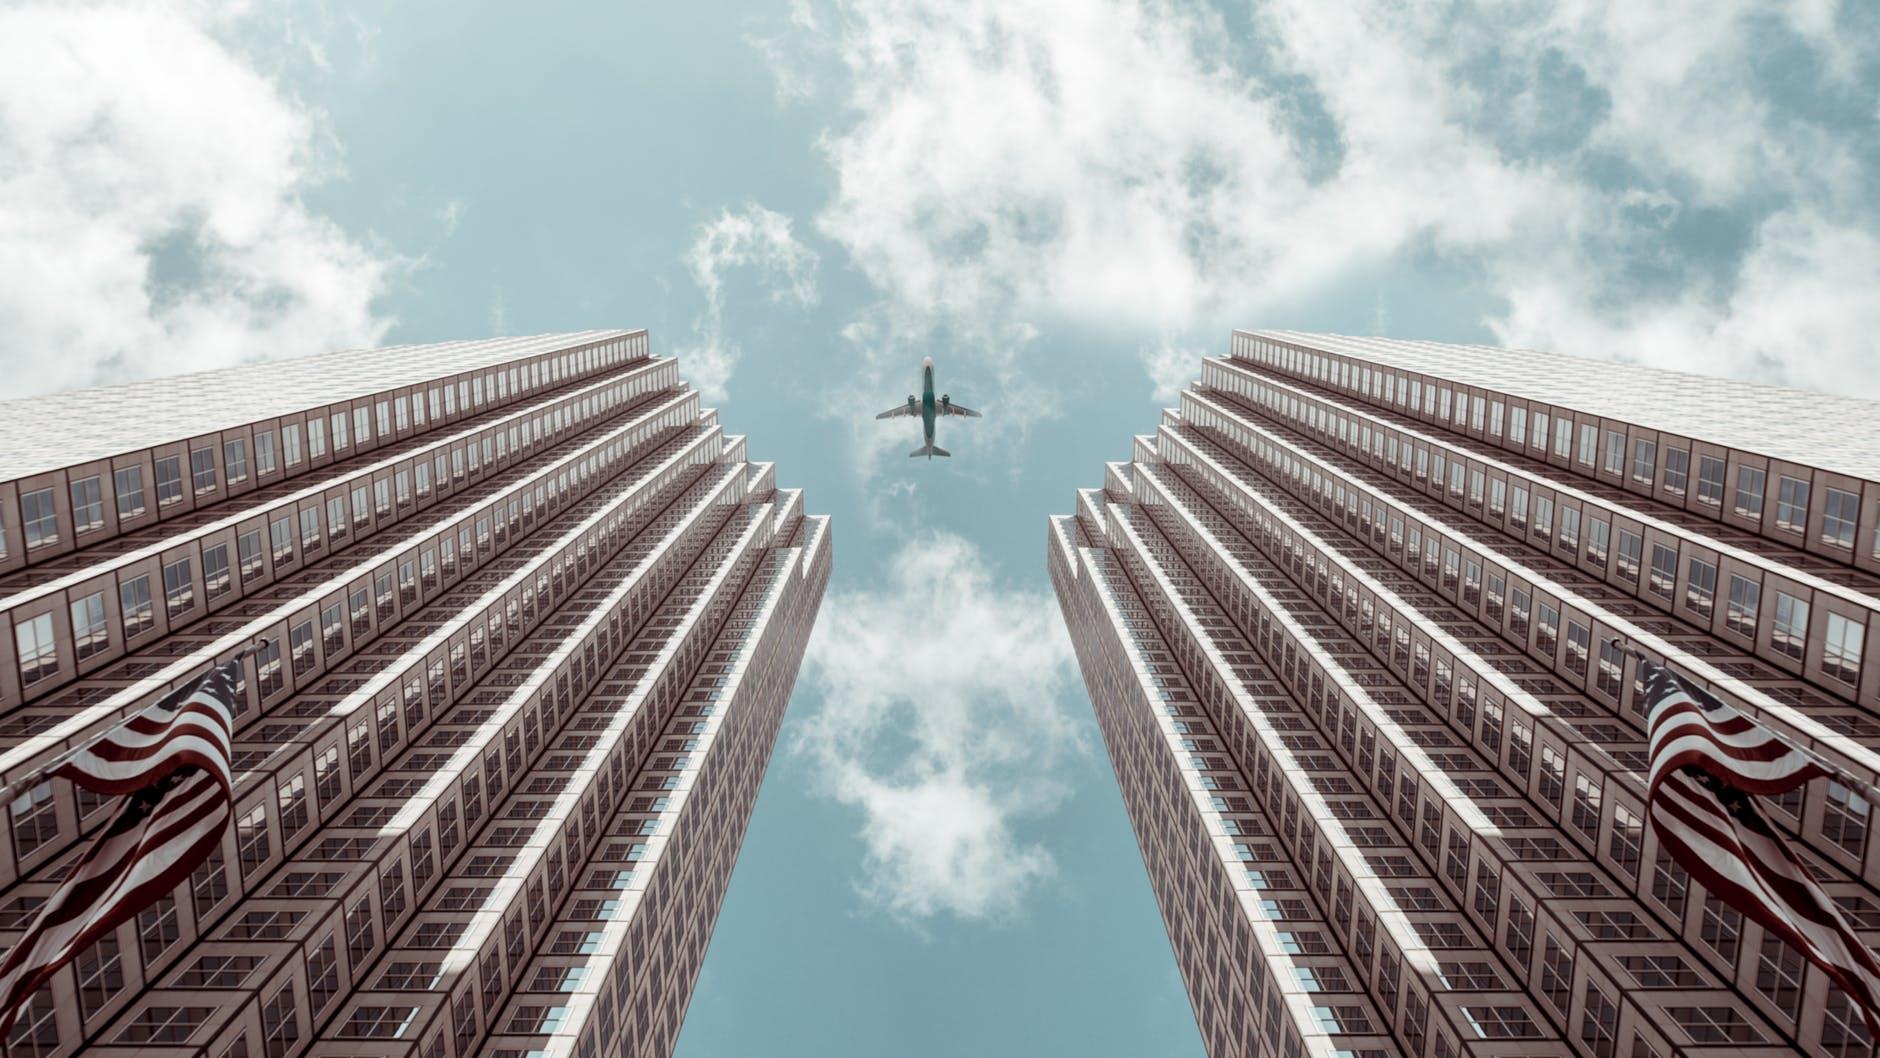 Viagens de avião particular como incentivo: descubra por que cada vez mais empresas recompensam seus trabalhadores com esse tipo de experiência única em equipe